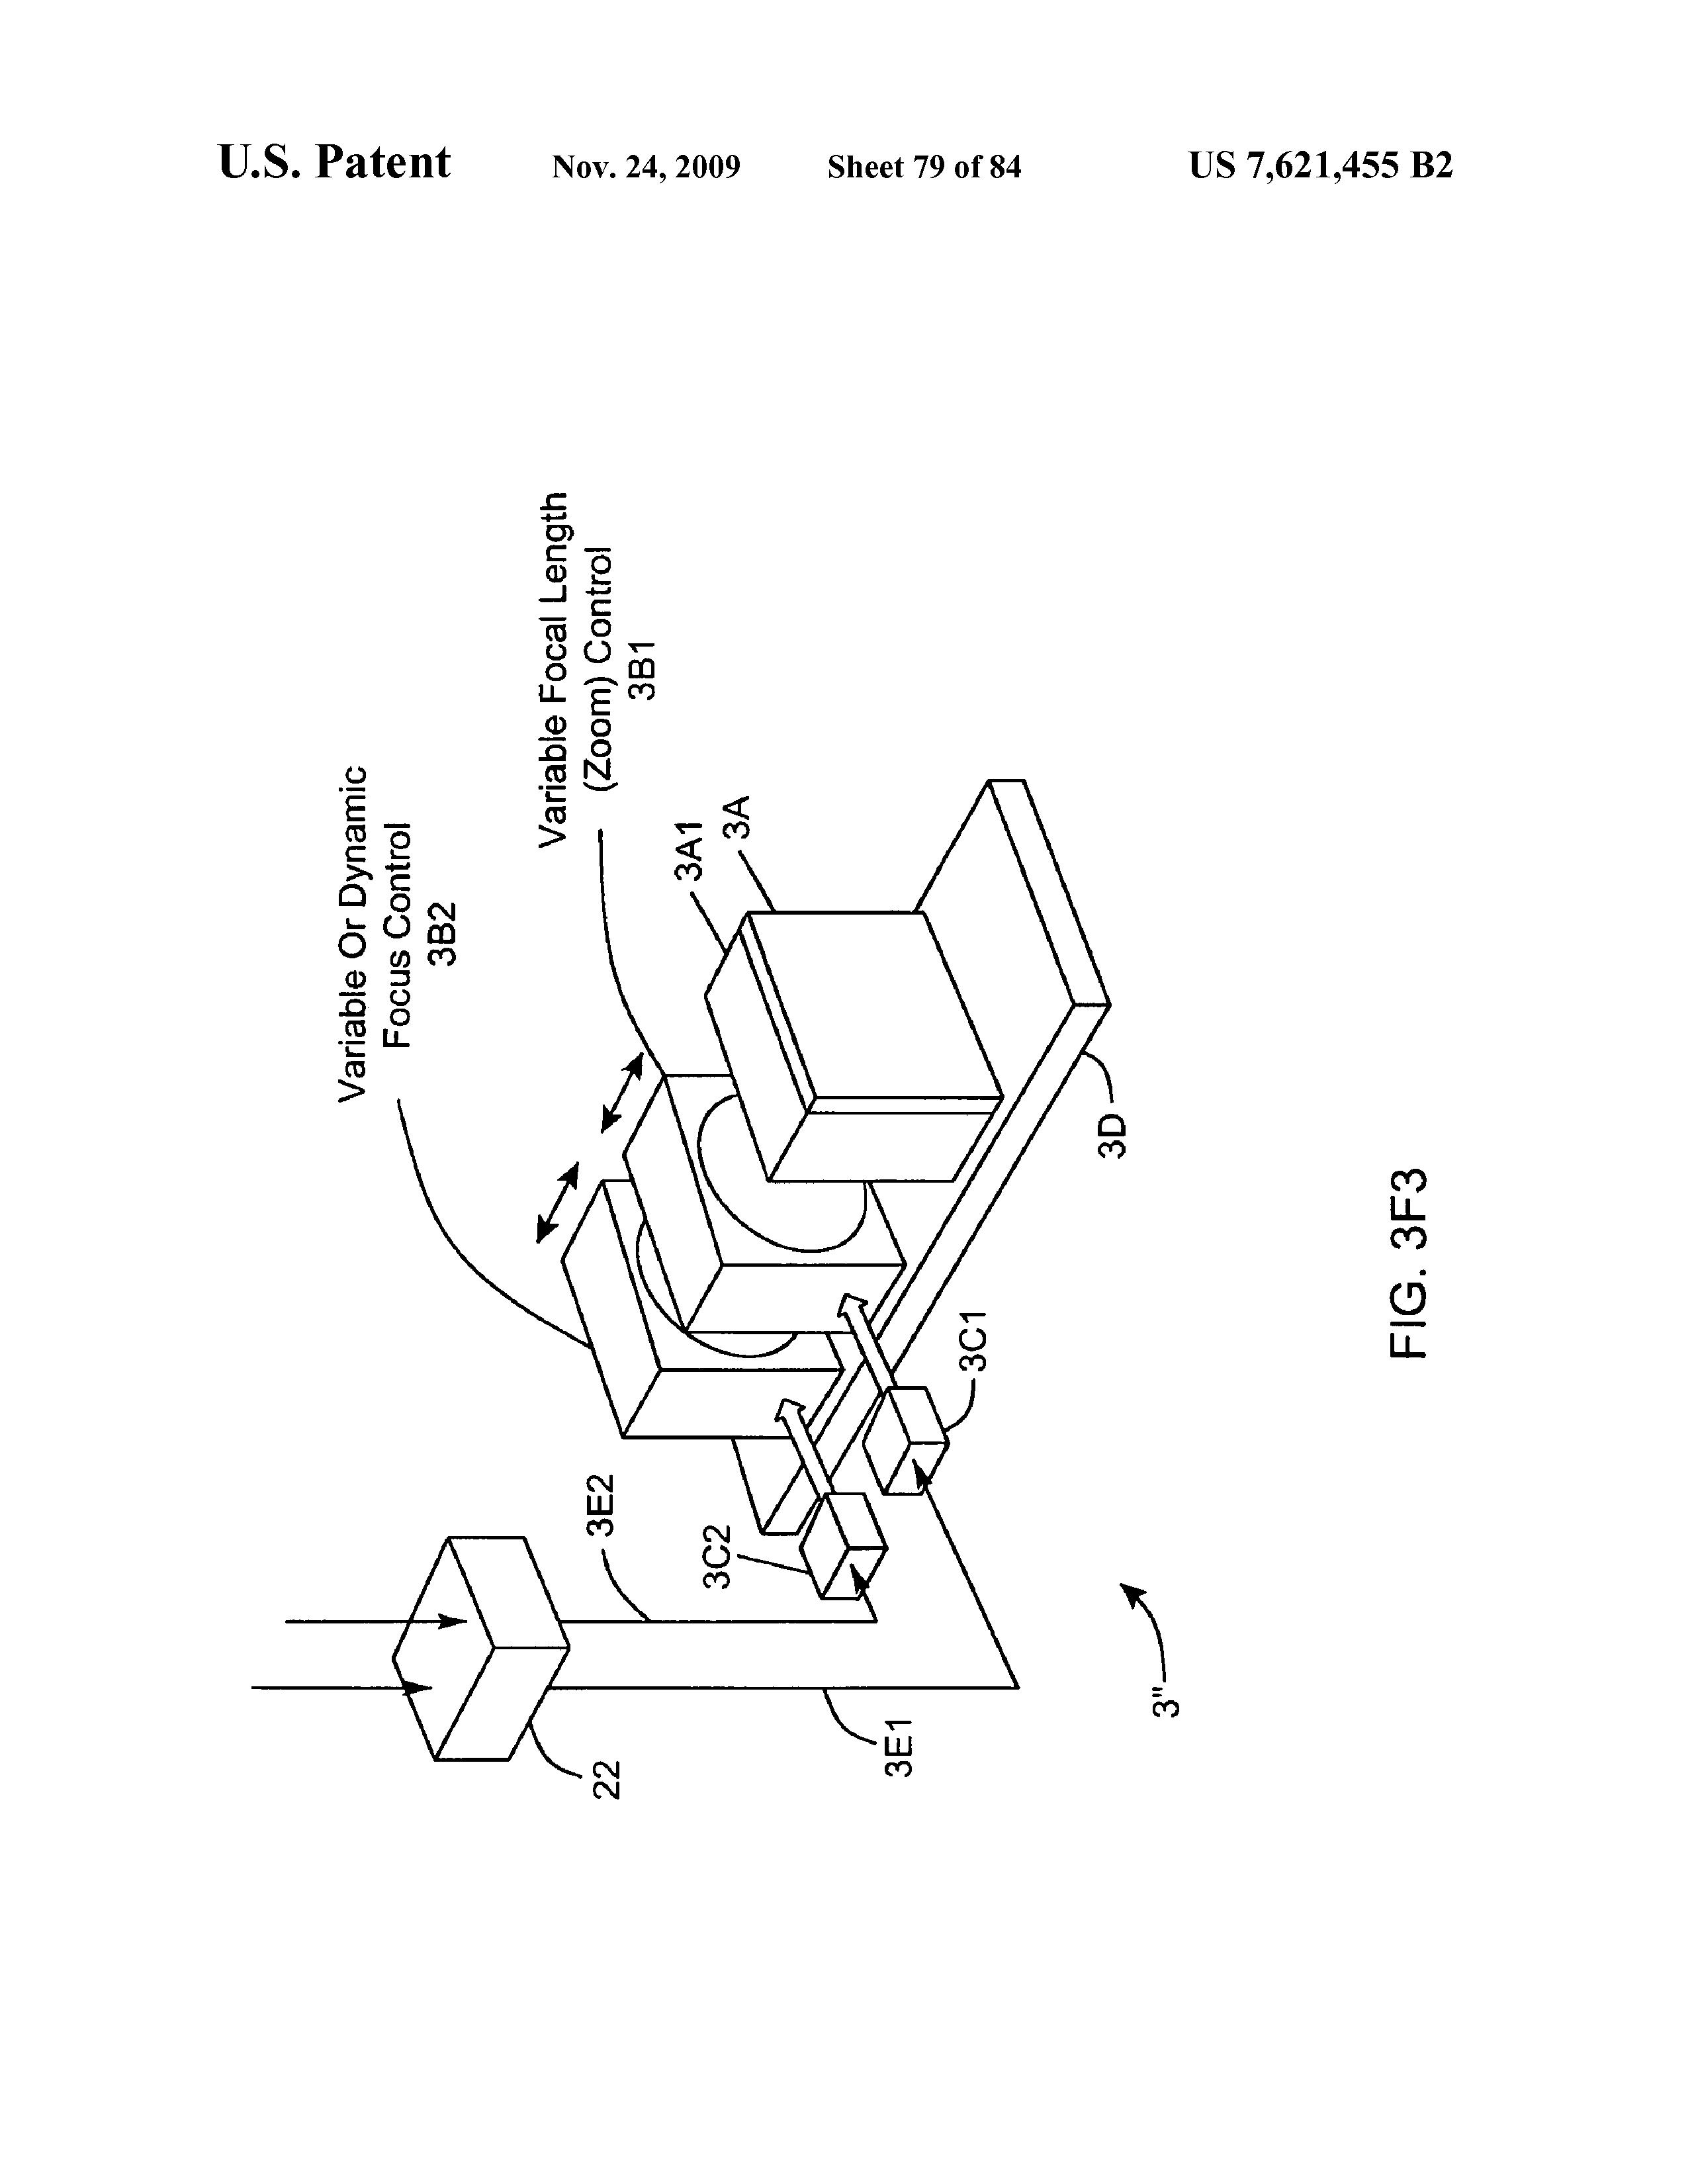 diode wiring wiring diagram database Light Switch Wiring Diagram wiring diagram diode symbol wiring diagram database diode connection diode wiring